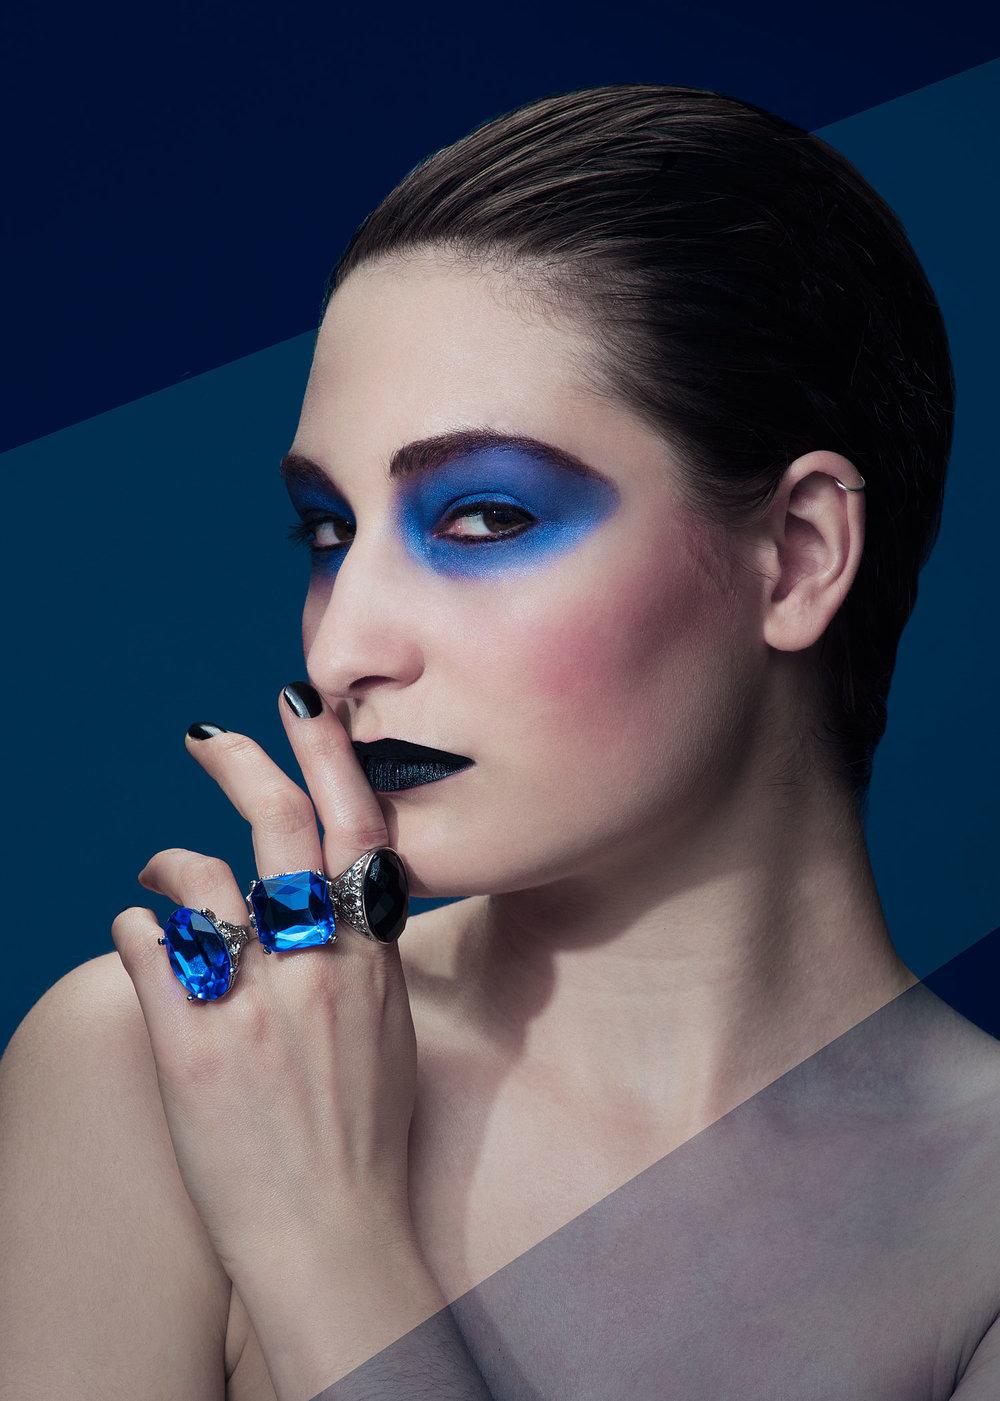 Make-Up&Hair: Julie Fuhrmann -  www.juliefurhmann.ch   Model: Lisa M. from Fotogen Modelagency -  www.fotogen.ch